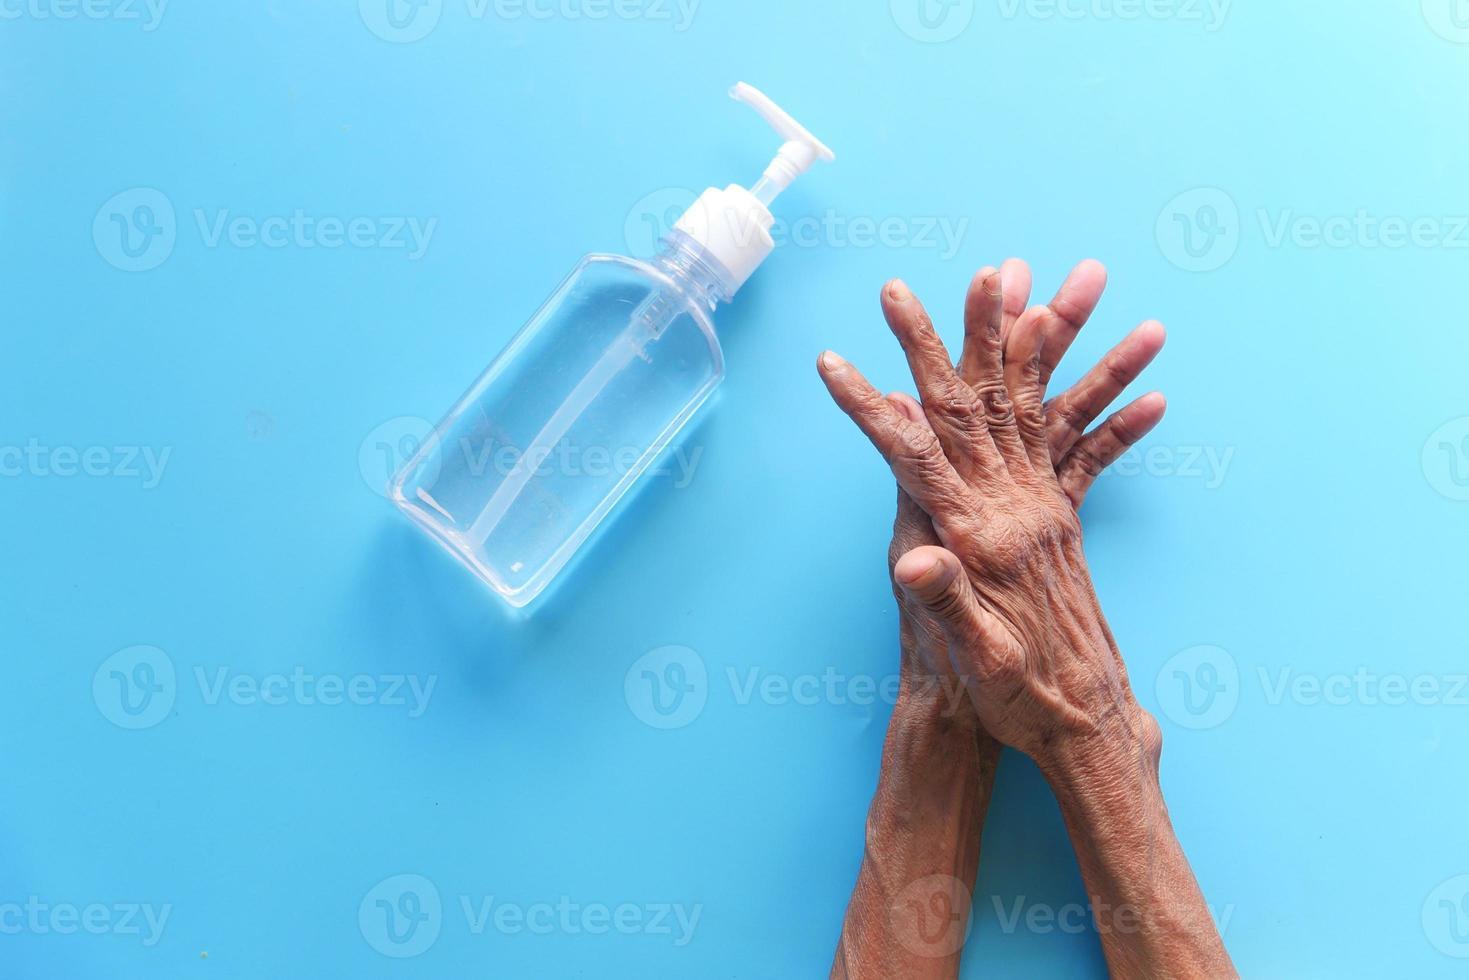 Persona que usa desinfectante de manos sobre un fondo azul. foto